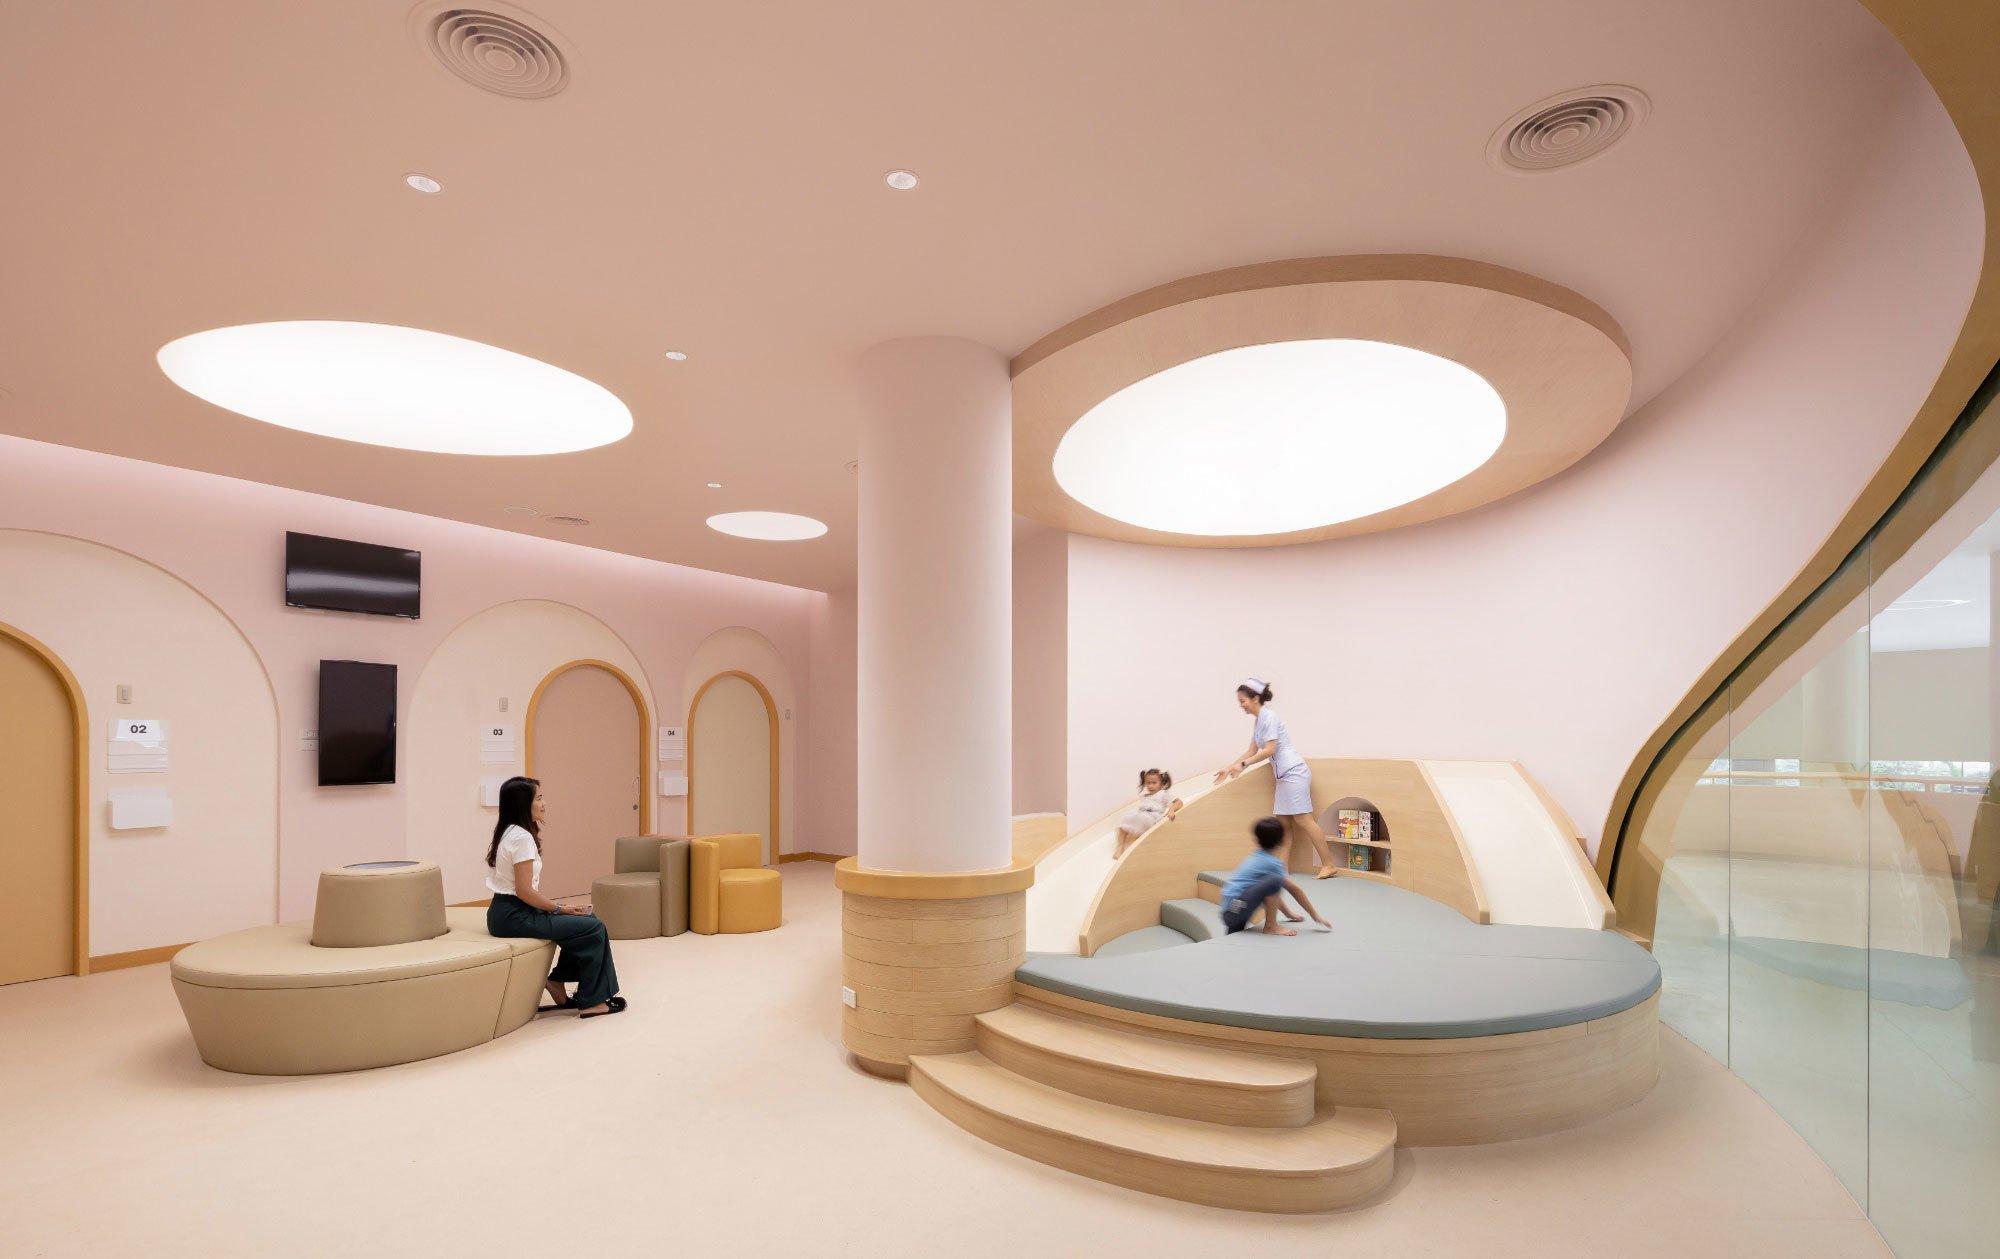 Unweit von Bangkok entwarf das Büro Integrated Field ein Krankenhaus für Kinder, das die kleinen Patienten beruhigen soll. Tatsächlich wurde es ein schöner Spielplatz.